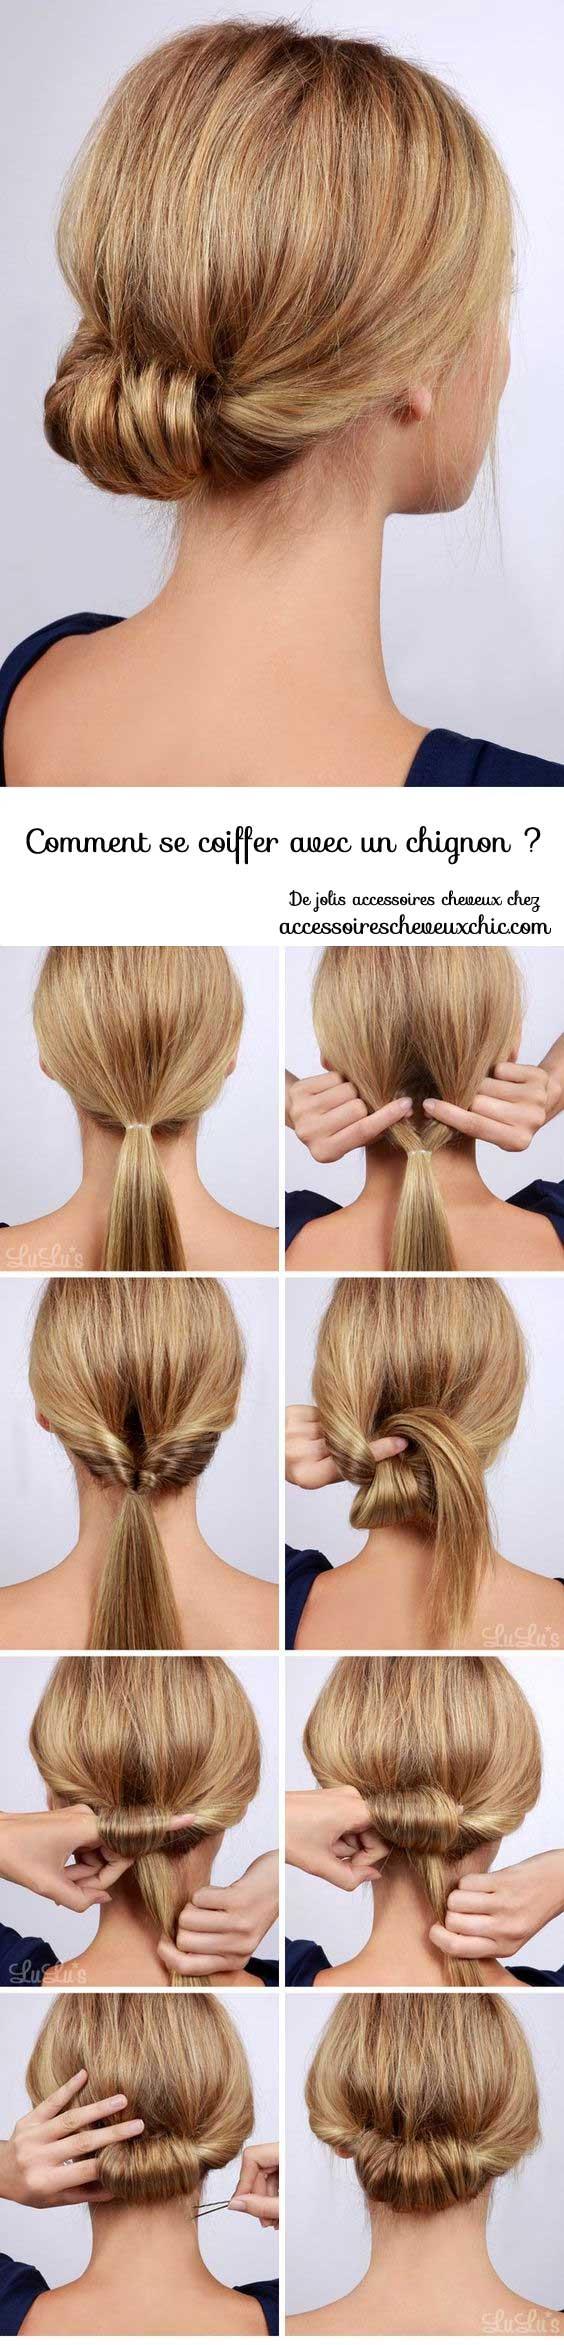 Comment-se-coiffer-avec-un-chignon